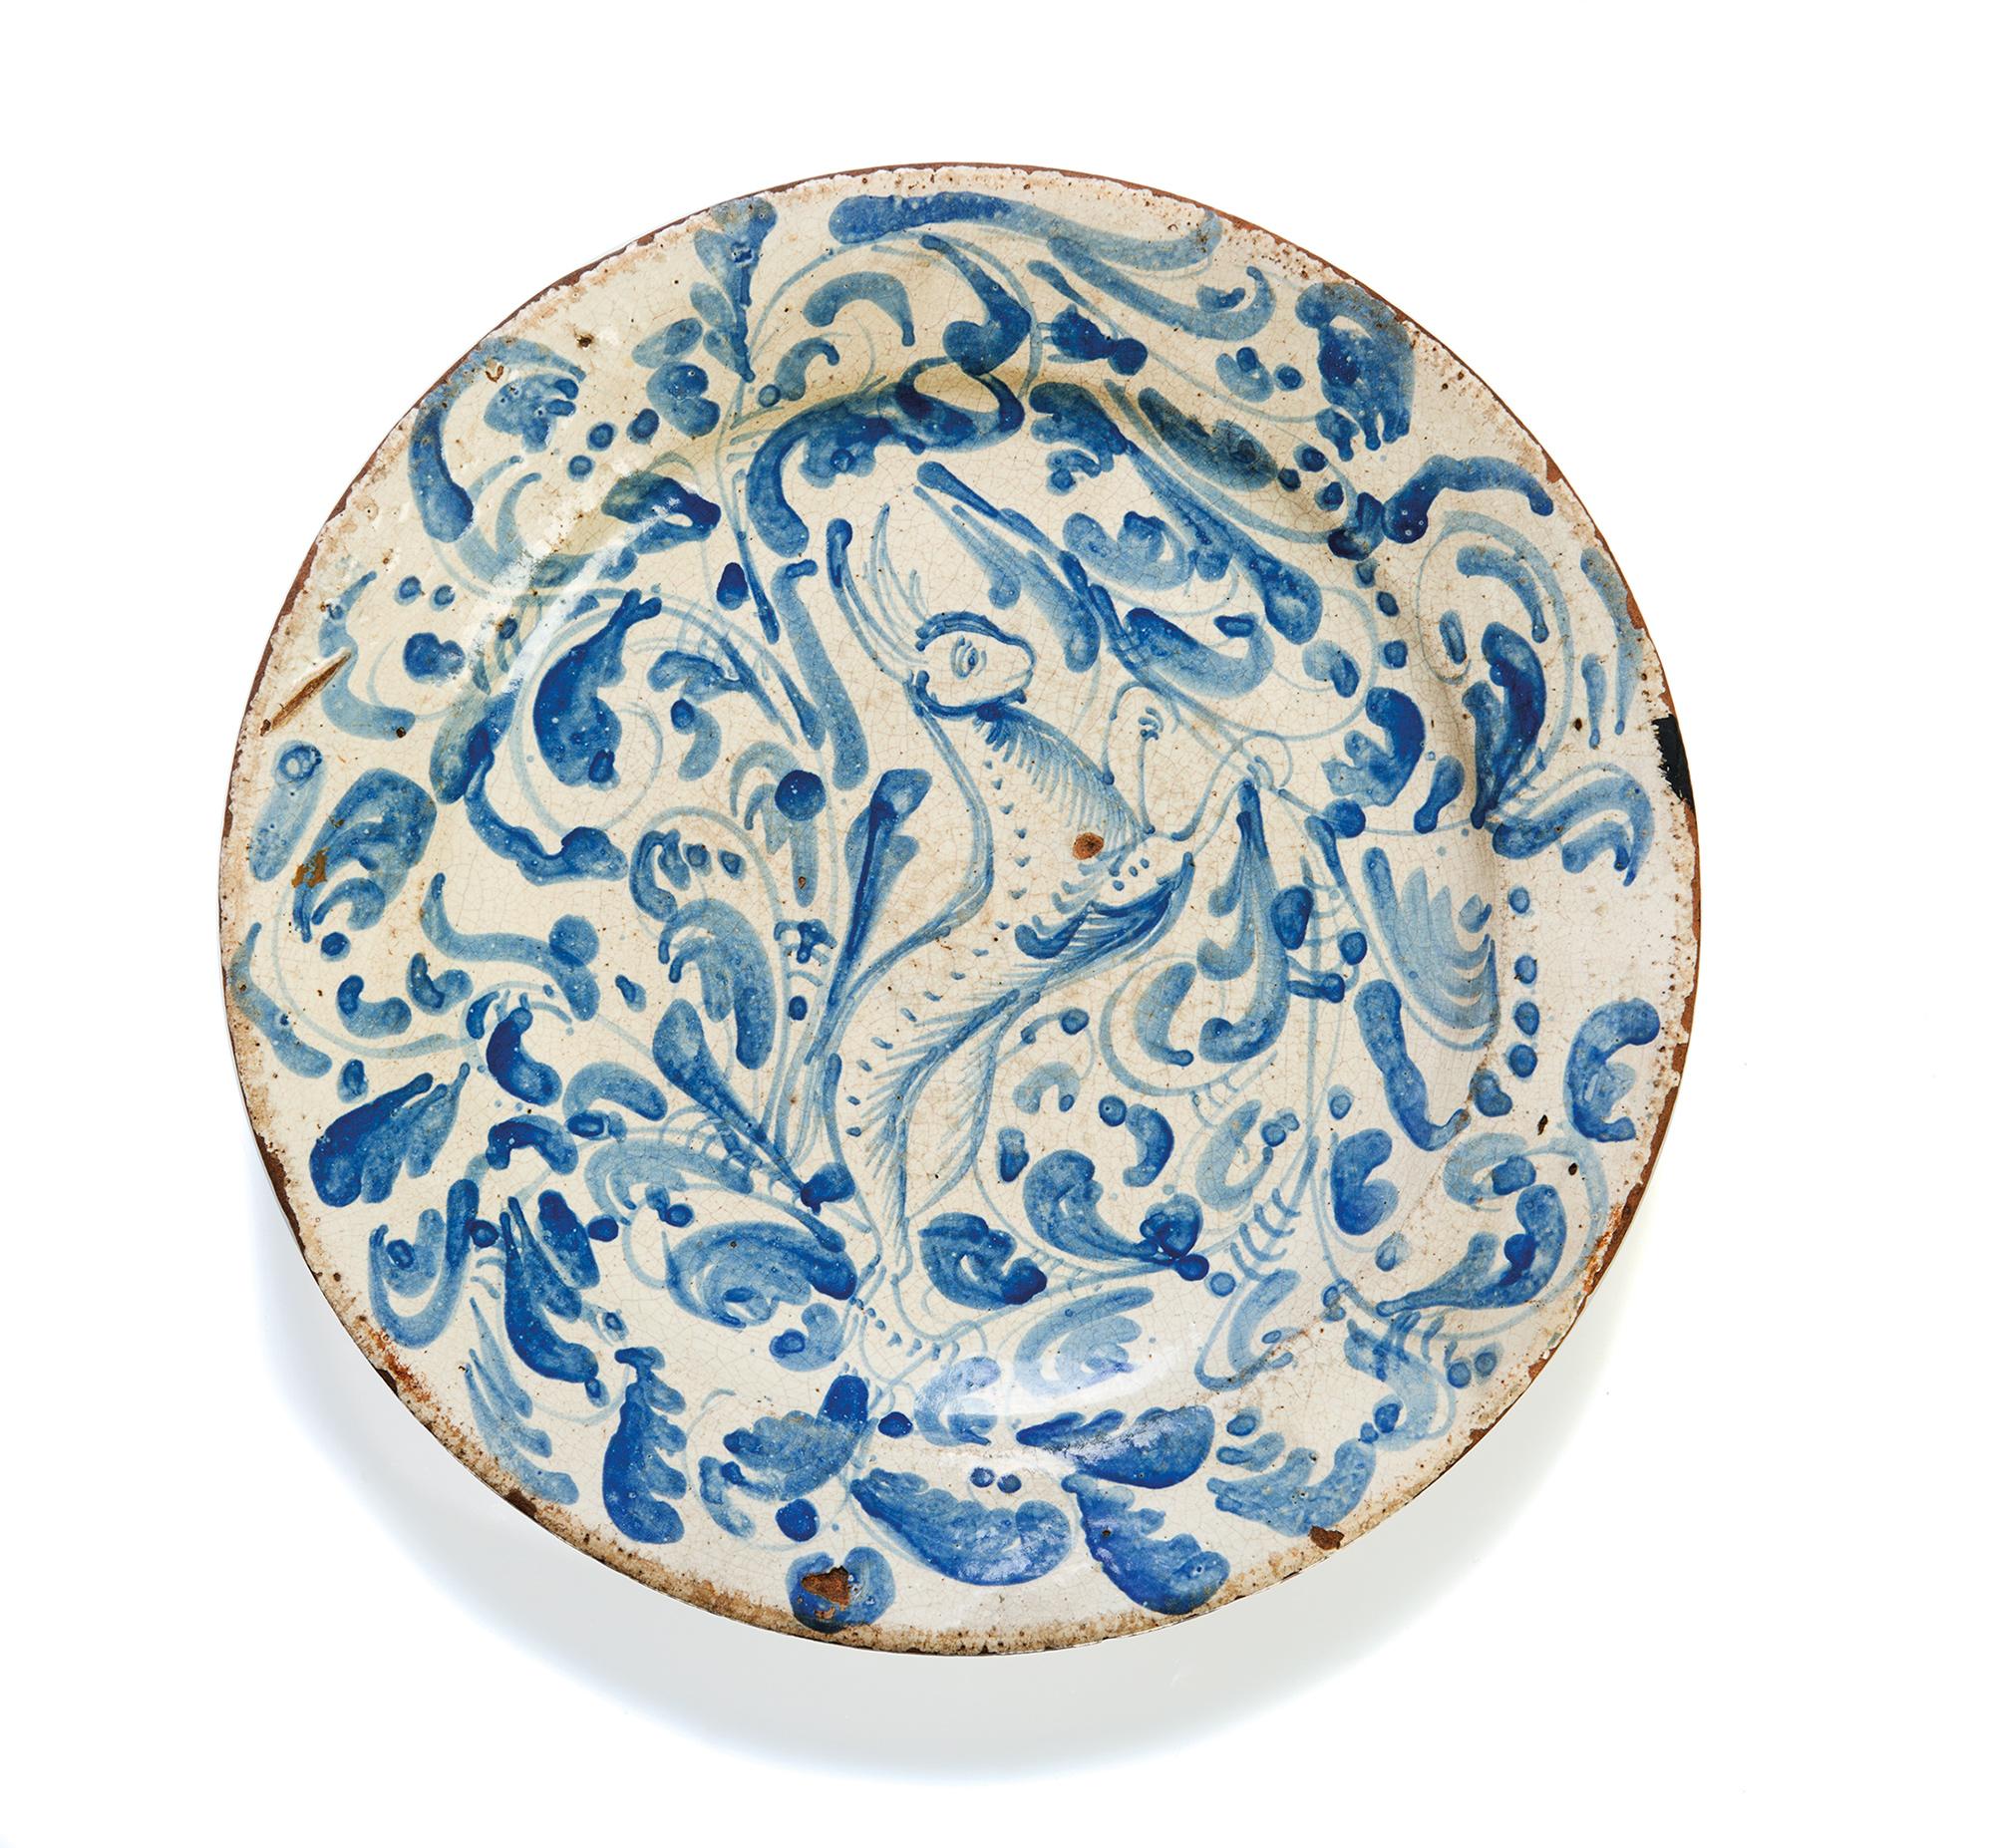 Piatto da parata in ceramica, Italia meridionale secolo XVIII